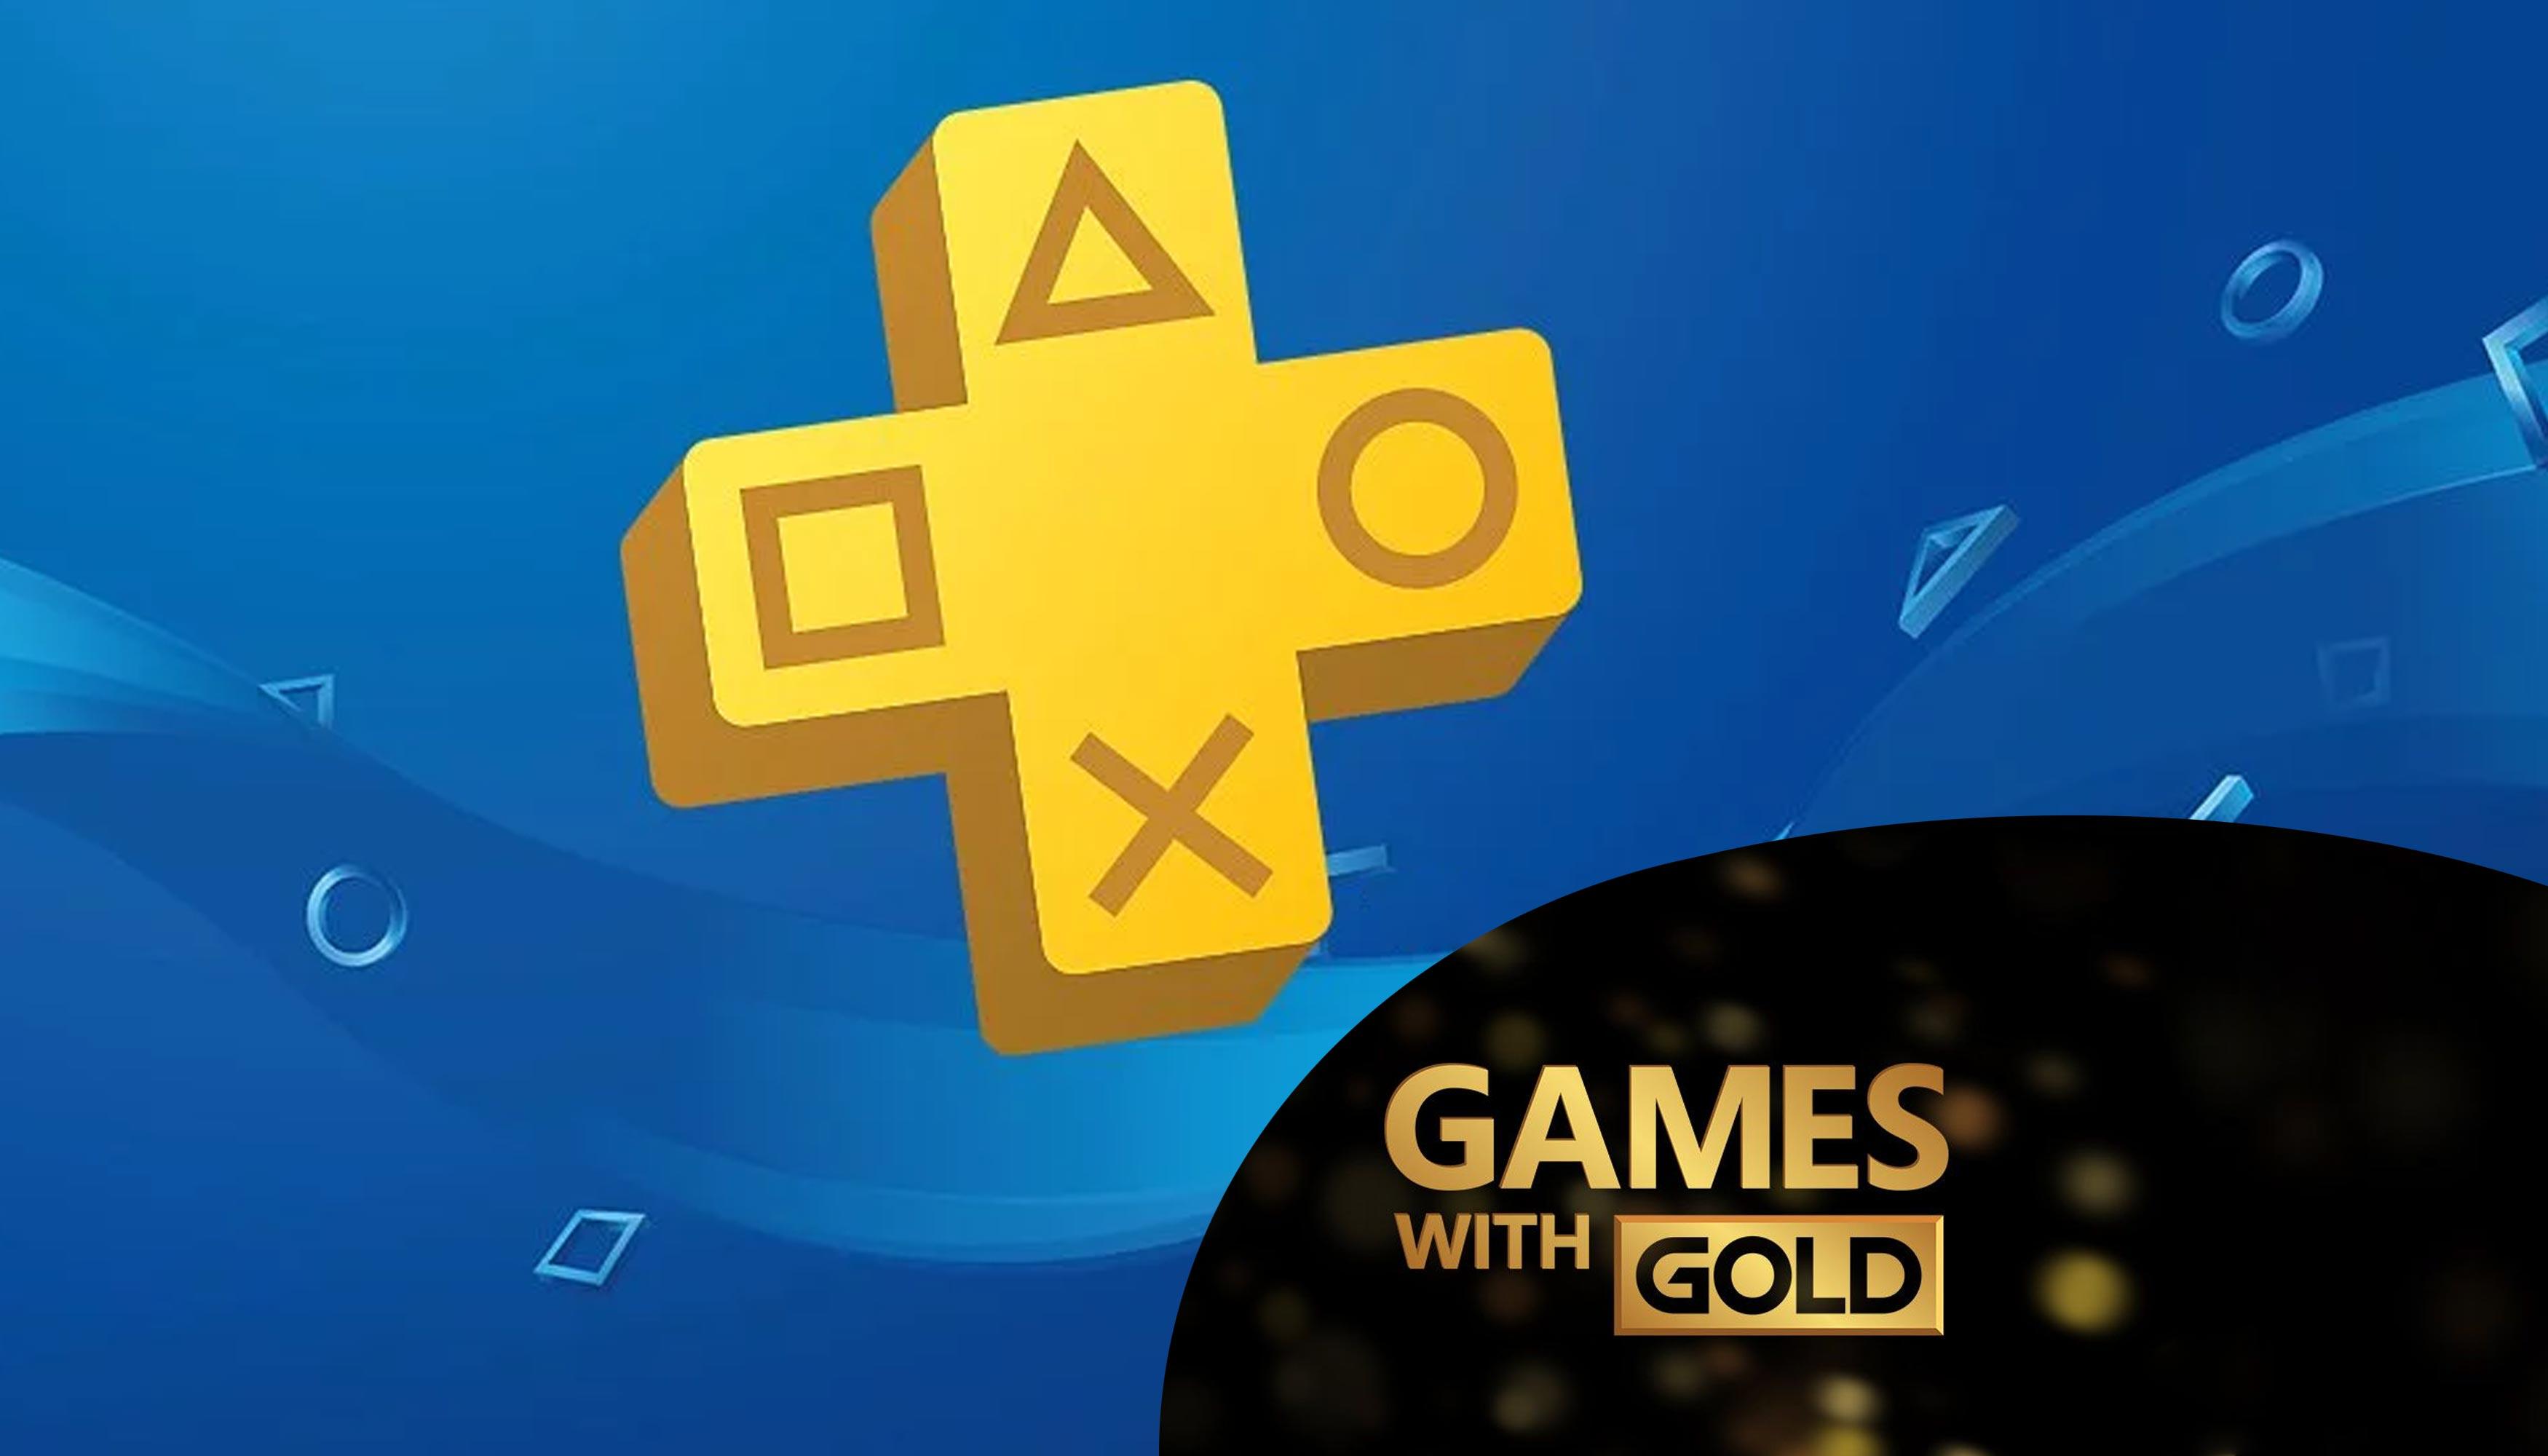 Listopadowe PlayStation Plus wymiata, a Games with Gold...